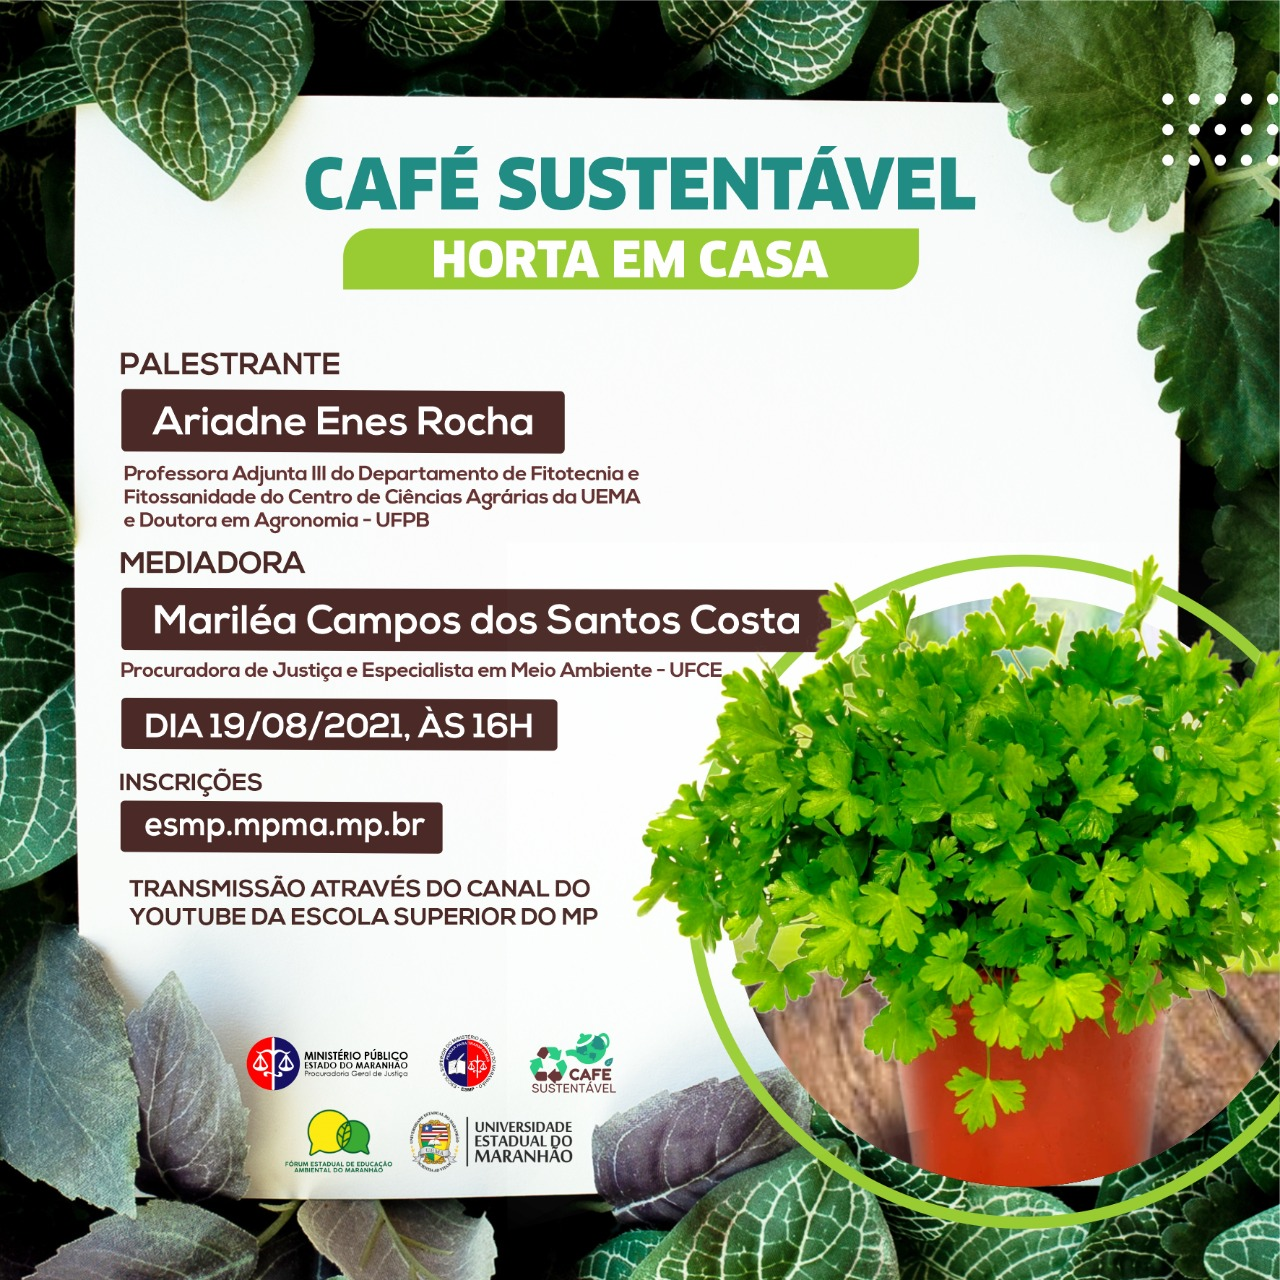 Café Sustentável - Horta em casa